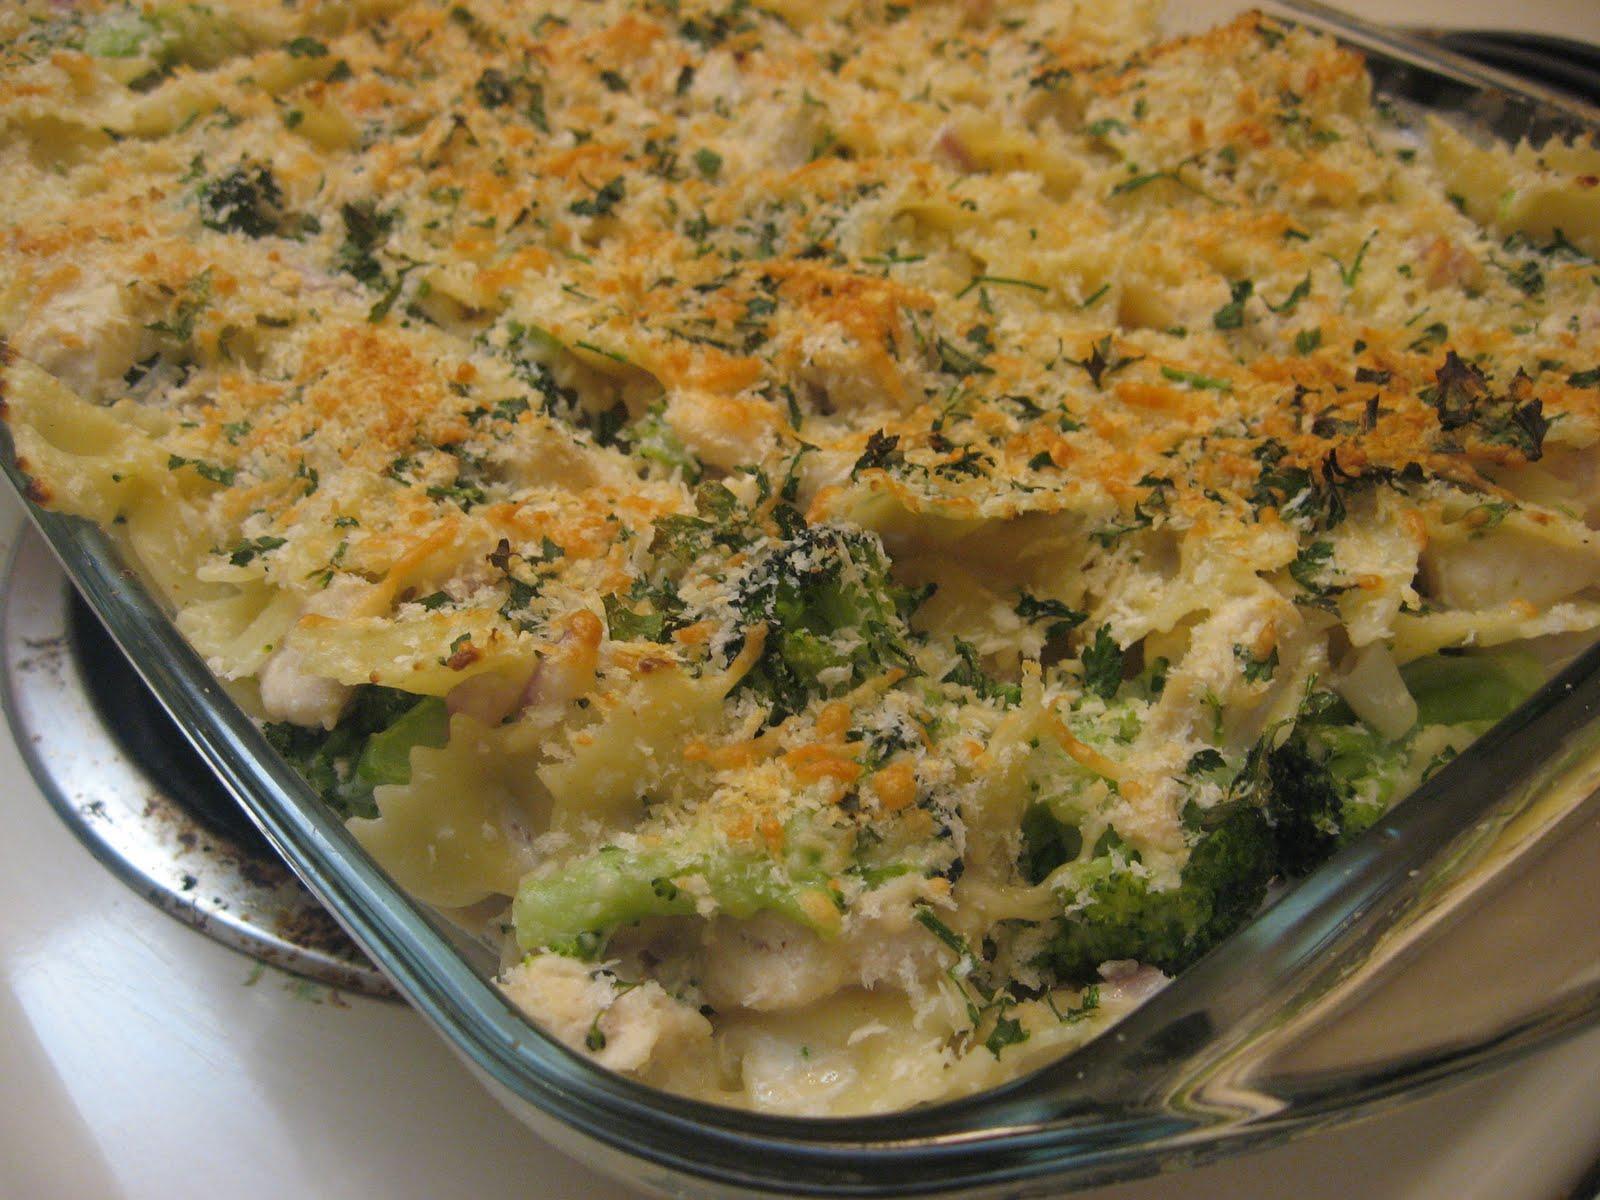 Chicken And Broccoli Casserole Recipe — Dishmaps